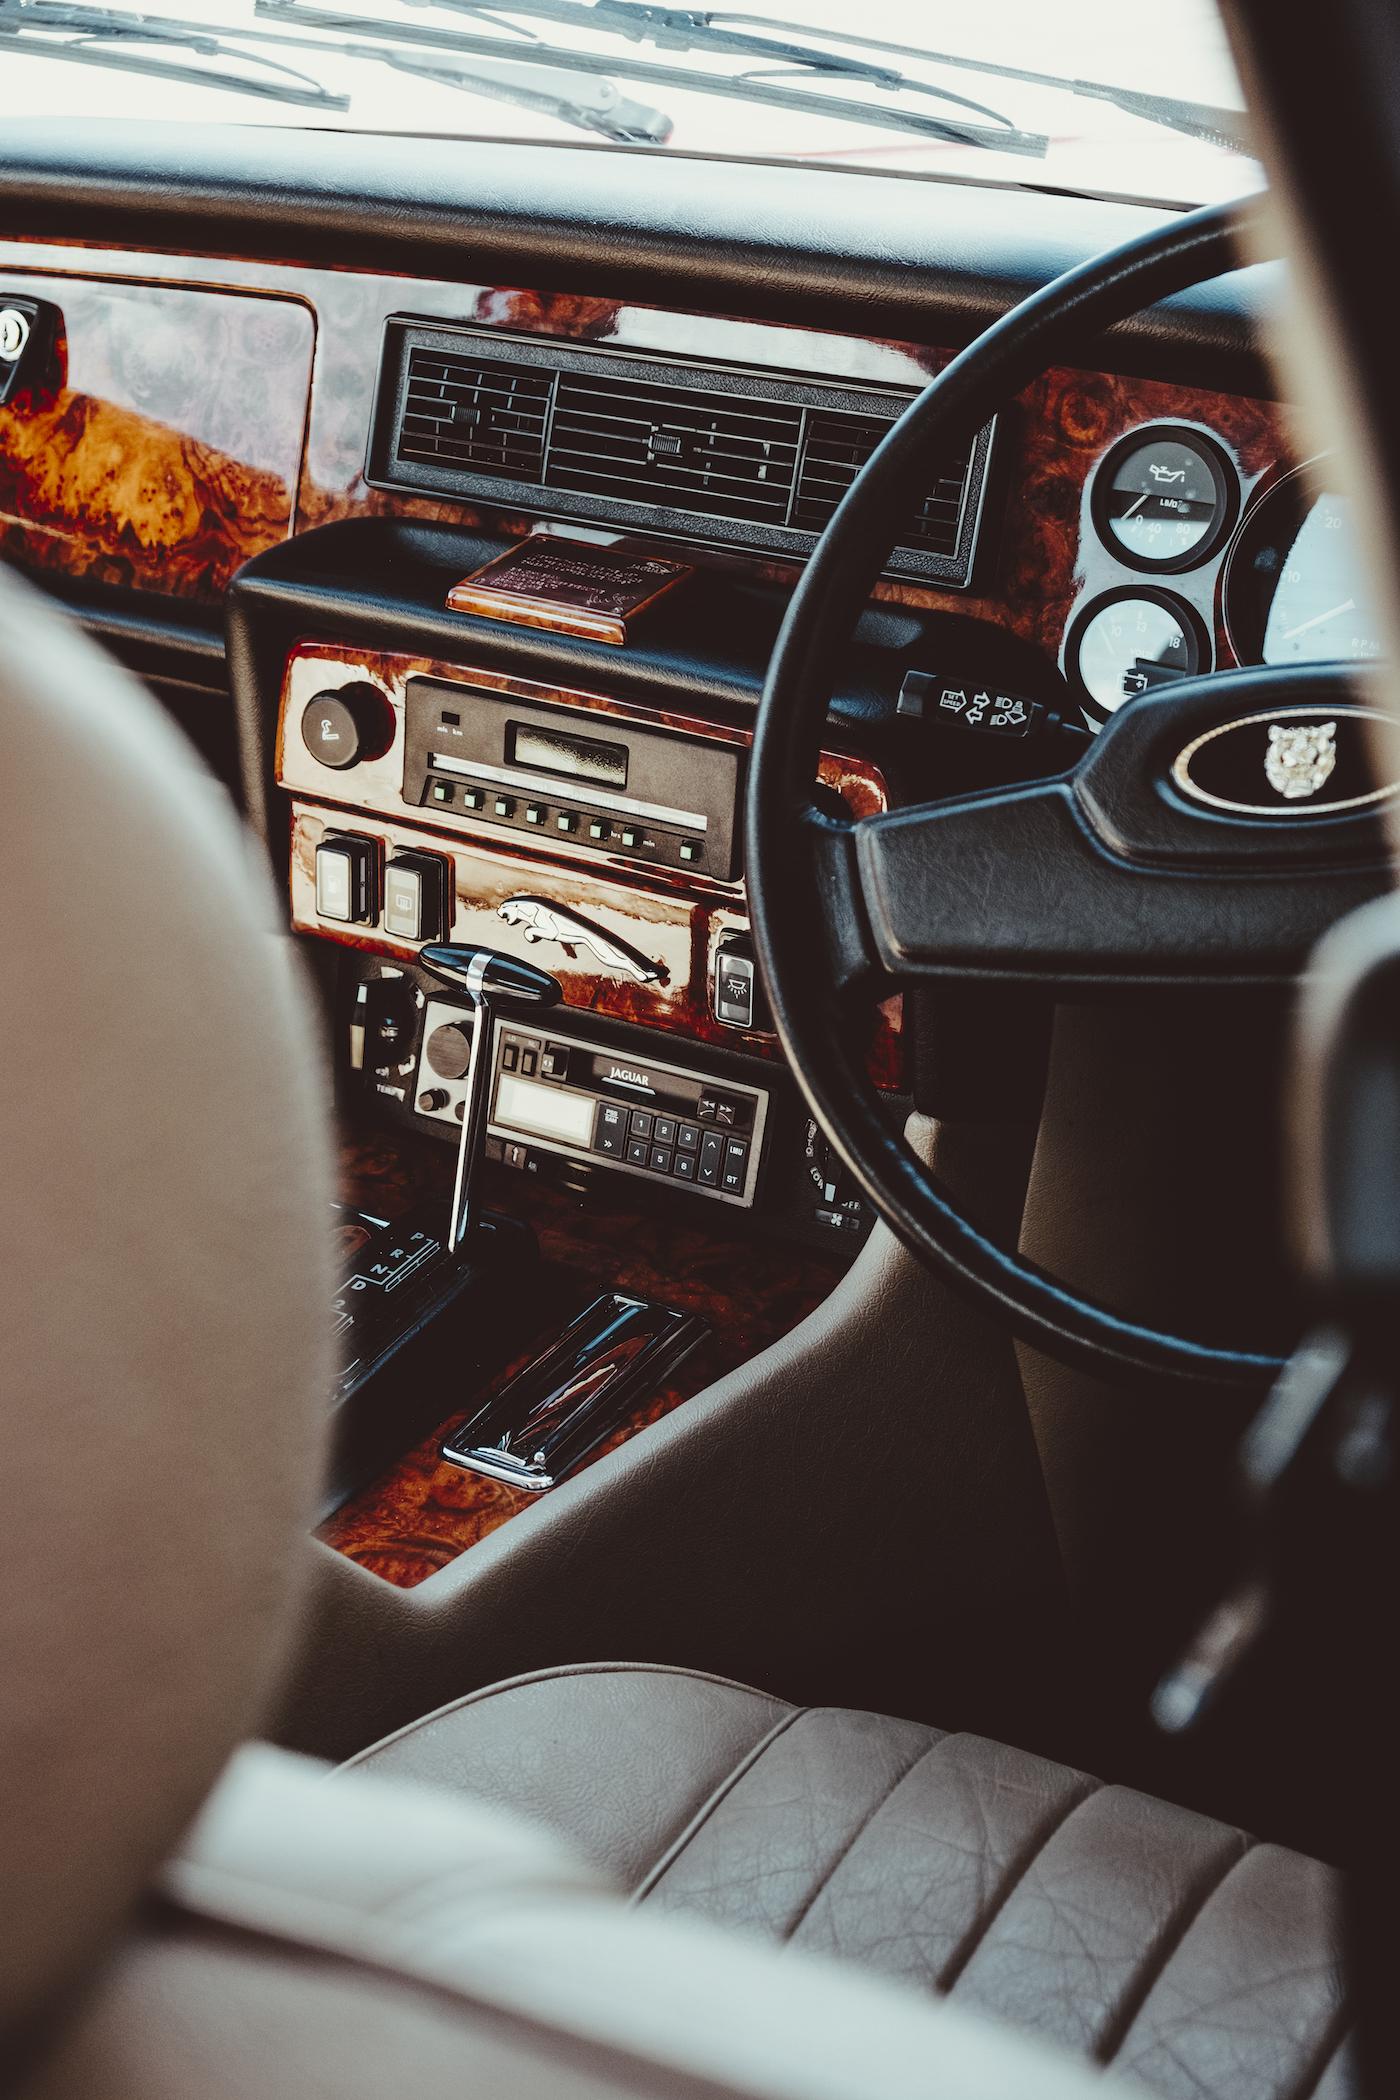 Königlich ausgestattet: 50 Jahre Jaguar XJ 7